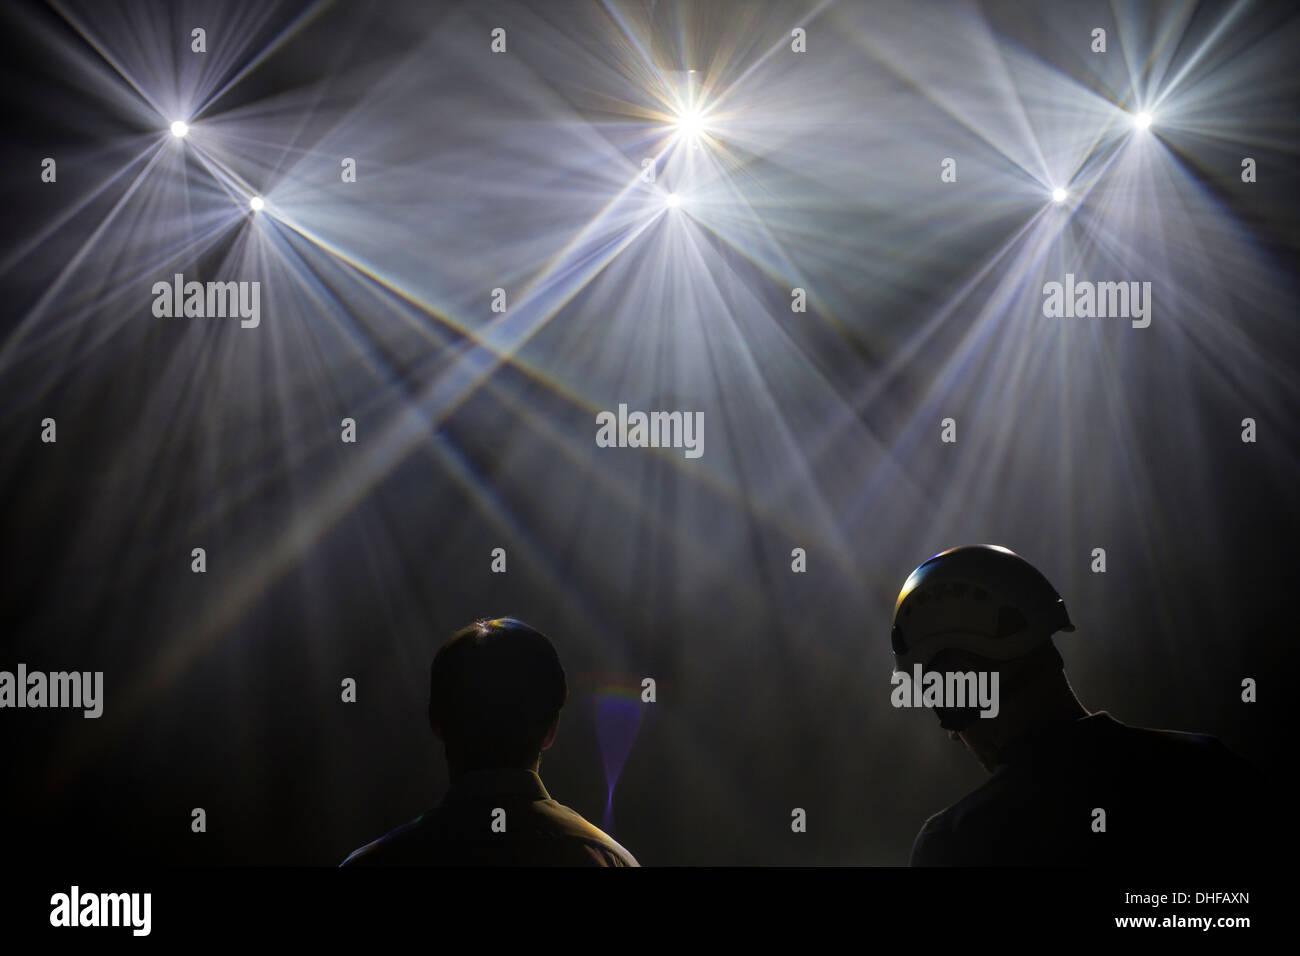 Láser, luz, espectáculo, club, discotecas, night, abstracto, una discoteca, un telón de fondo, el brillo, la ilusión, Foto de stock